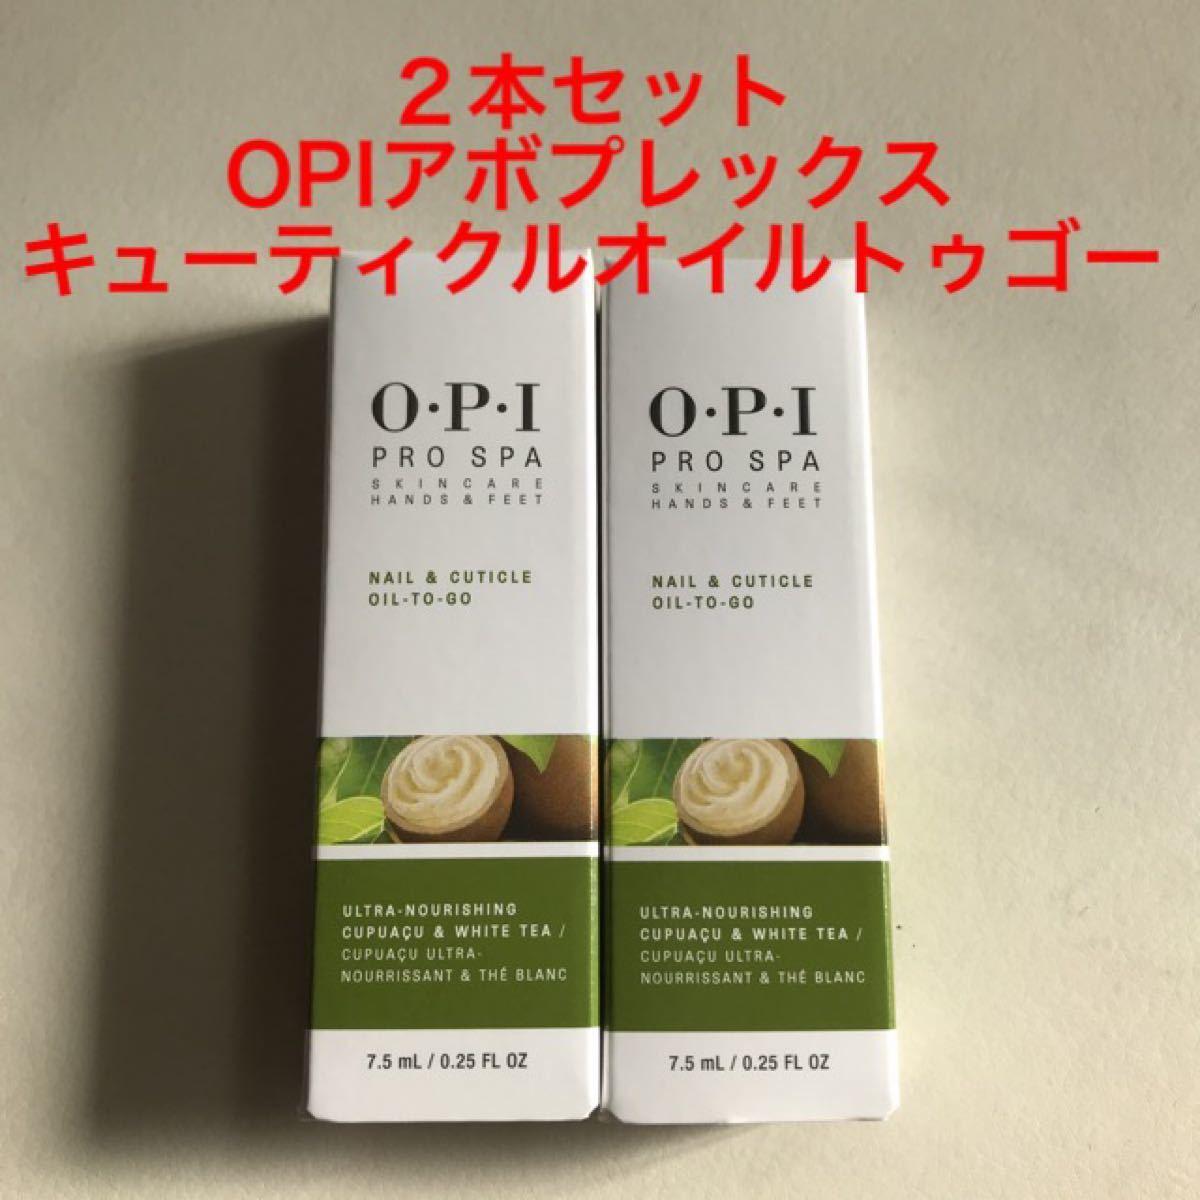 2本セット・OPIプロスパネイル&キューティクルオイルトゥゴー・新品未使用未開封